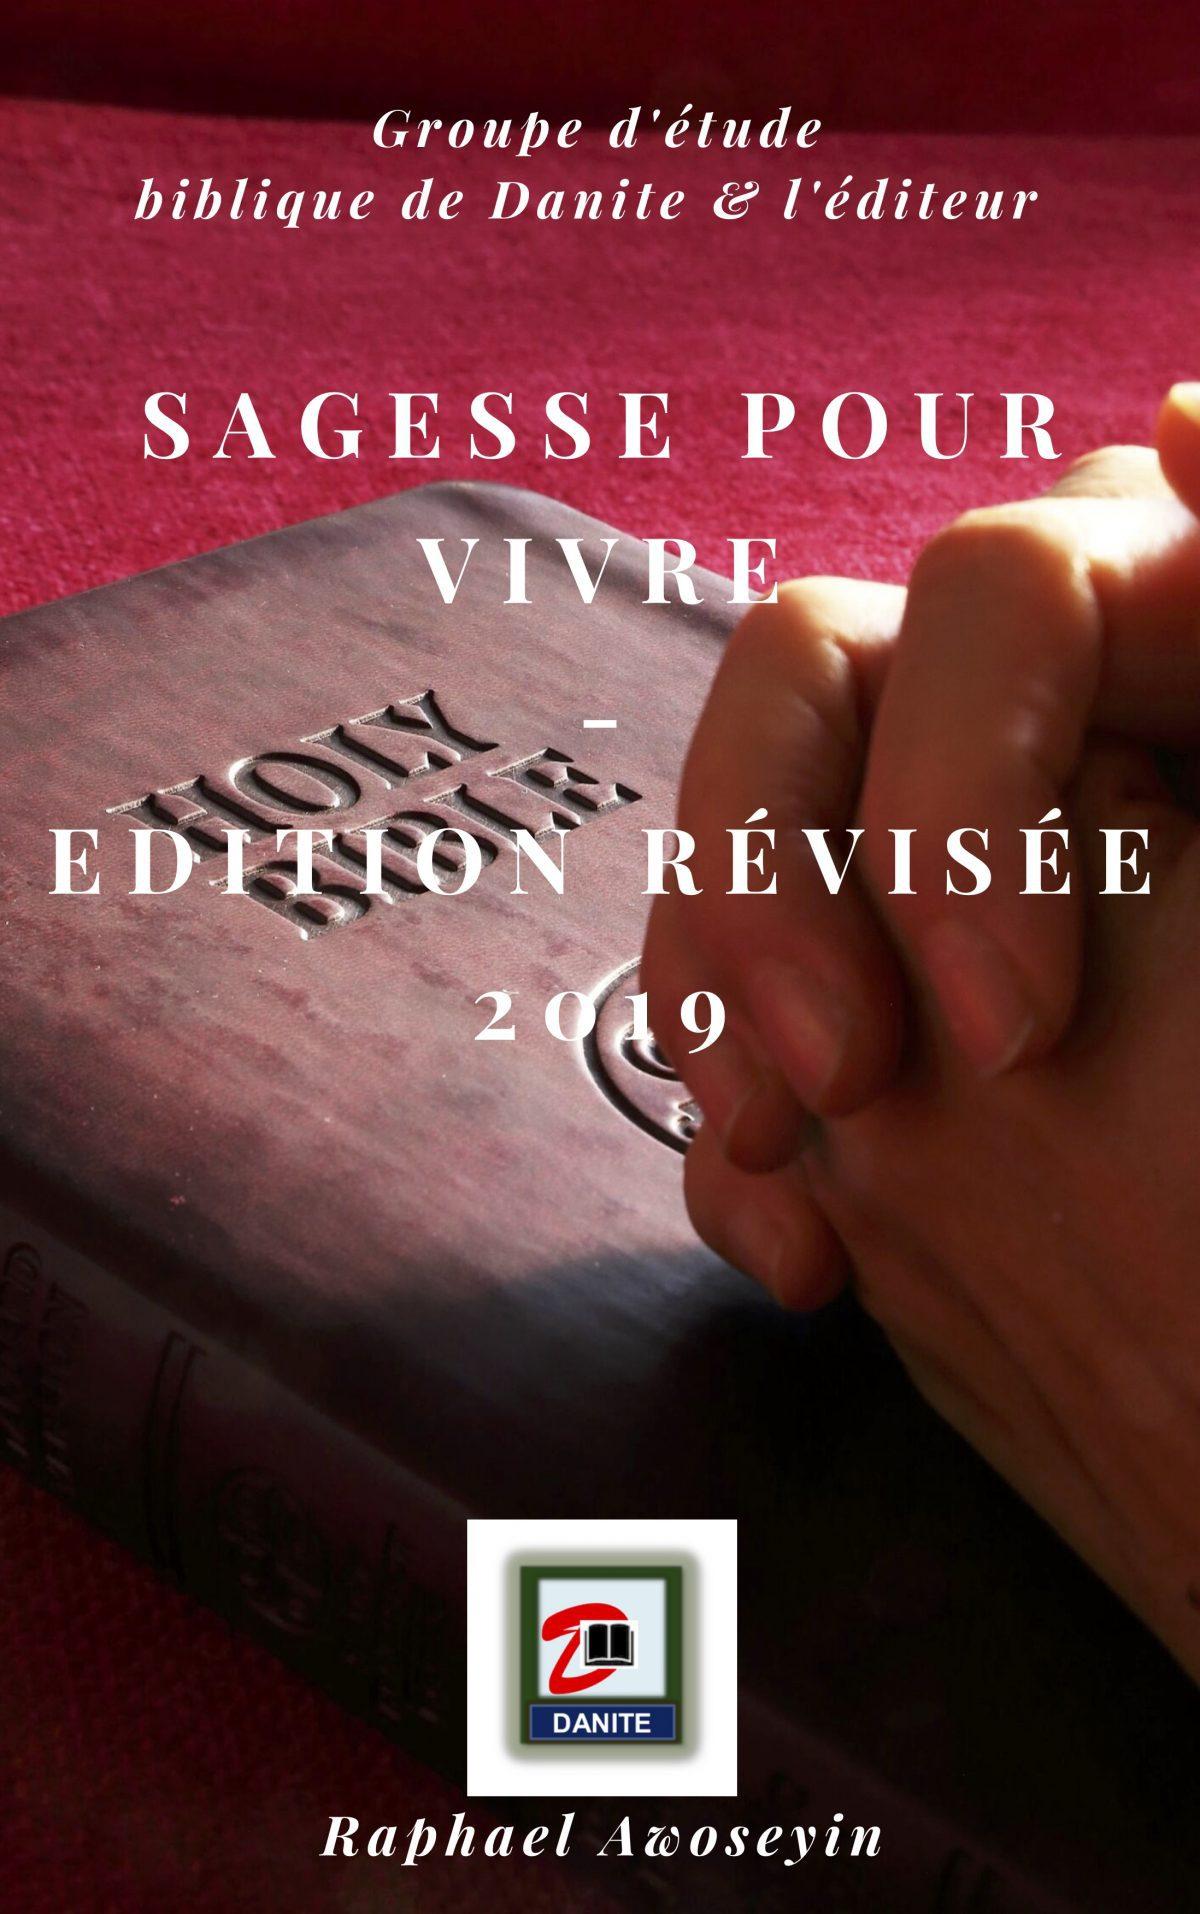 Sagesse pour vivre Edition révisée 2019 by Raphael Awoseyin